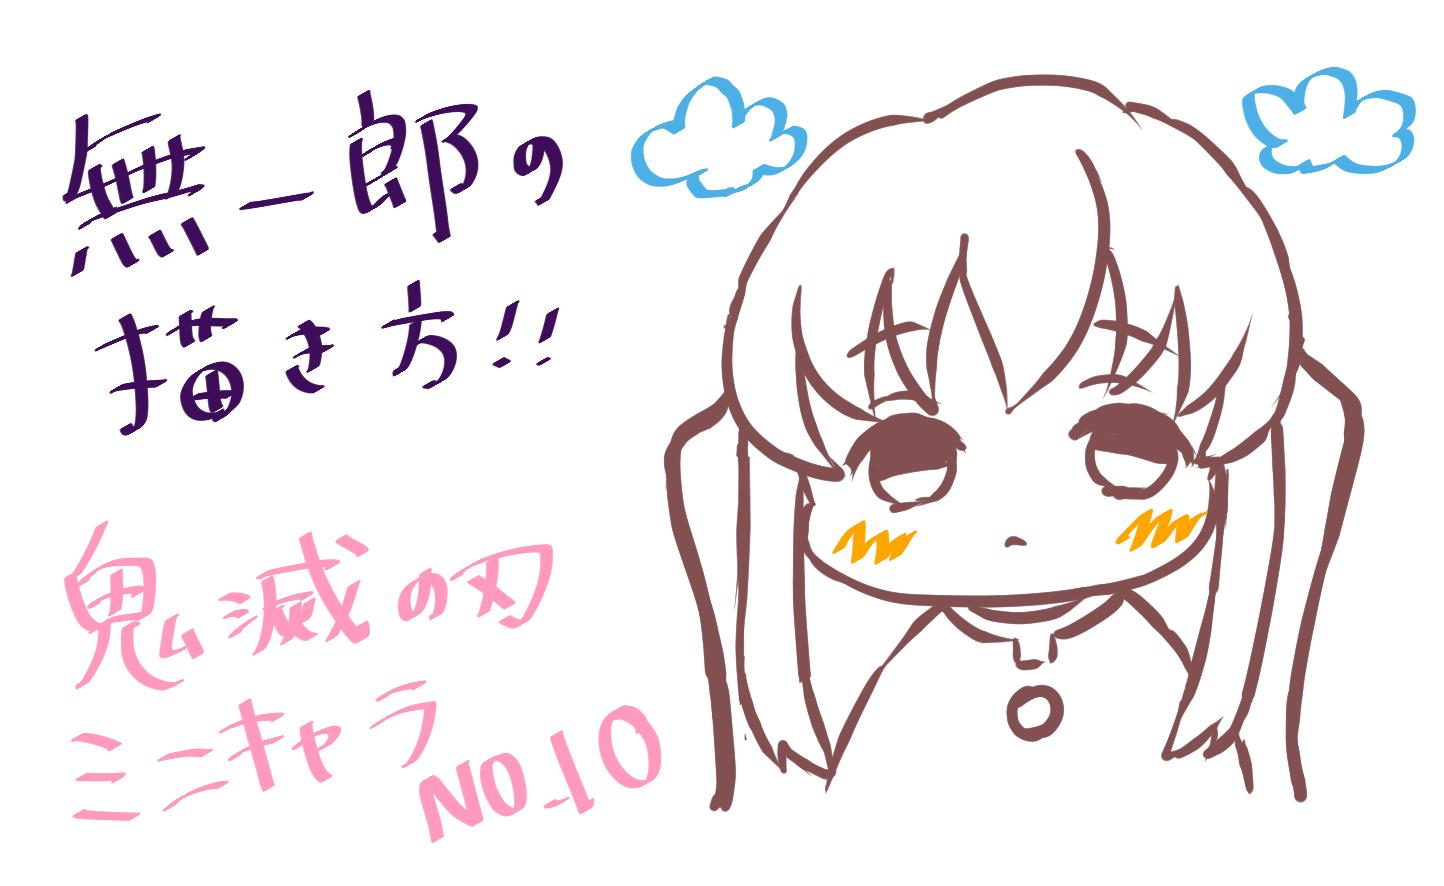 一郎 ミニキャラ 無